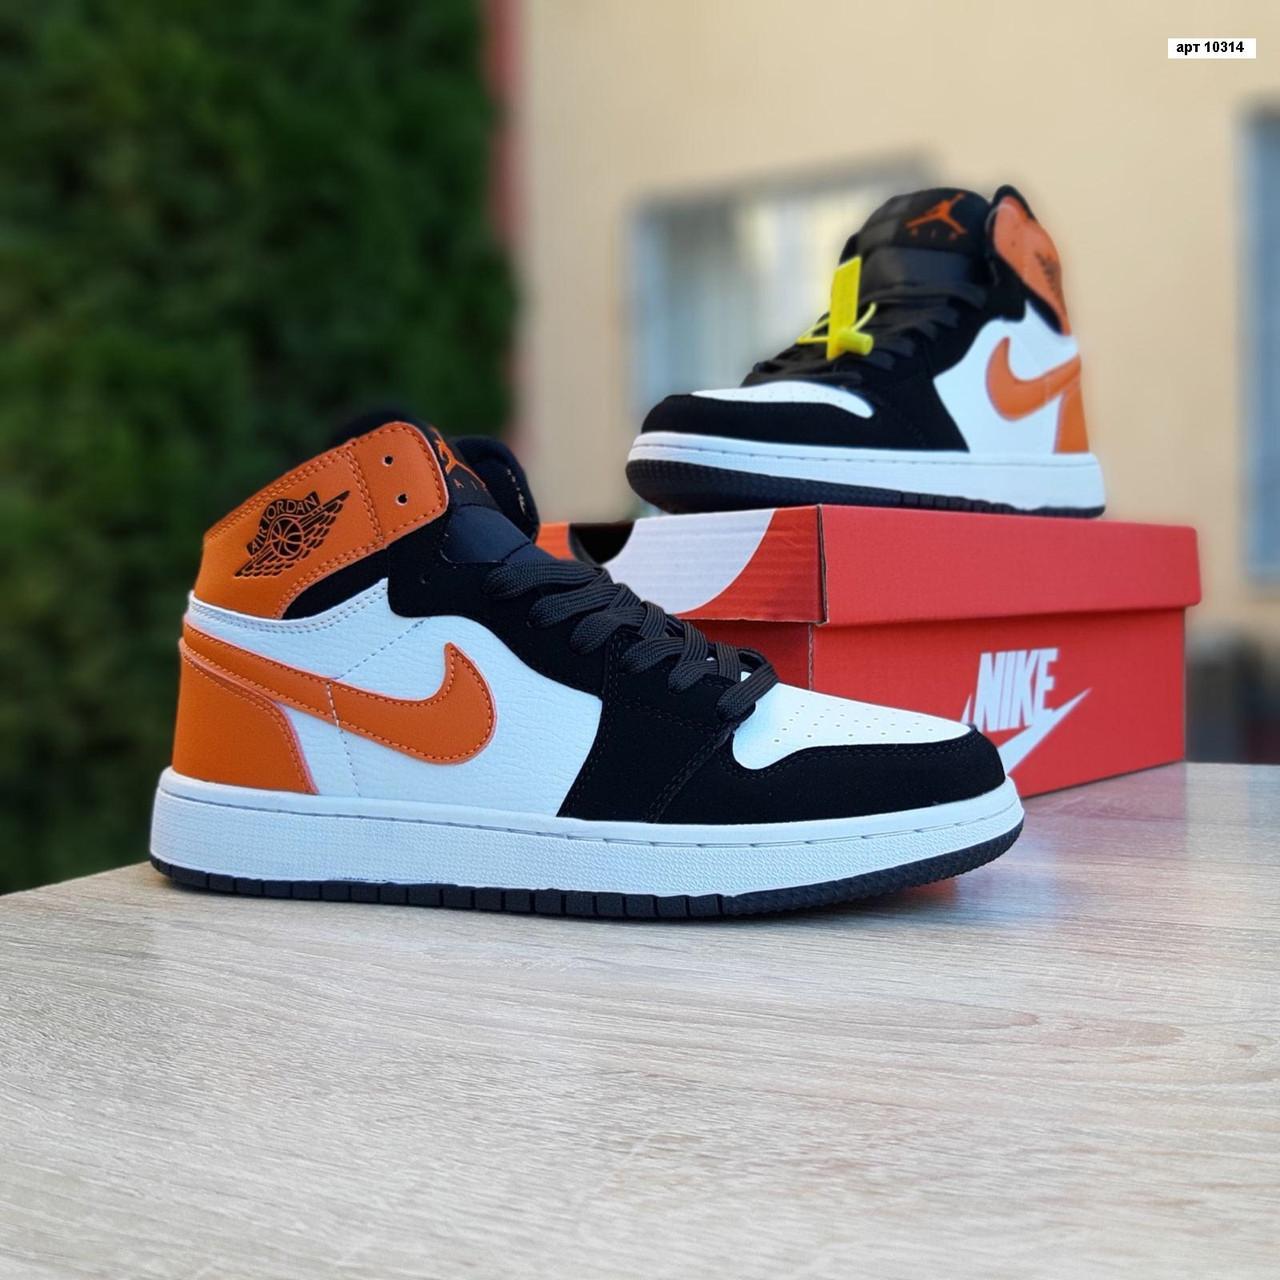 Мужские кроссовки Nike Air Jordan (бело-черные с оранжевым) 10314